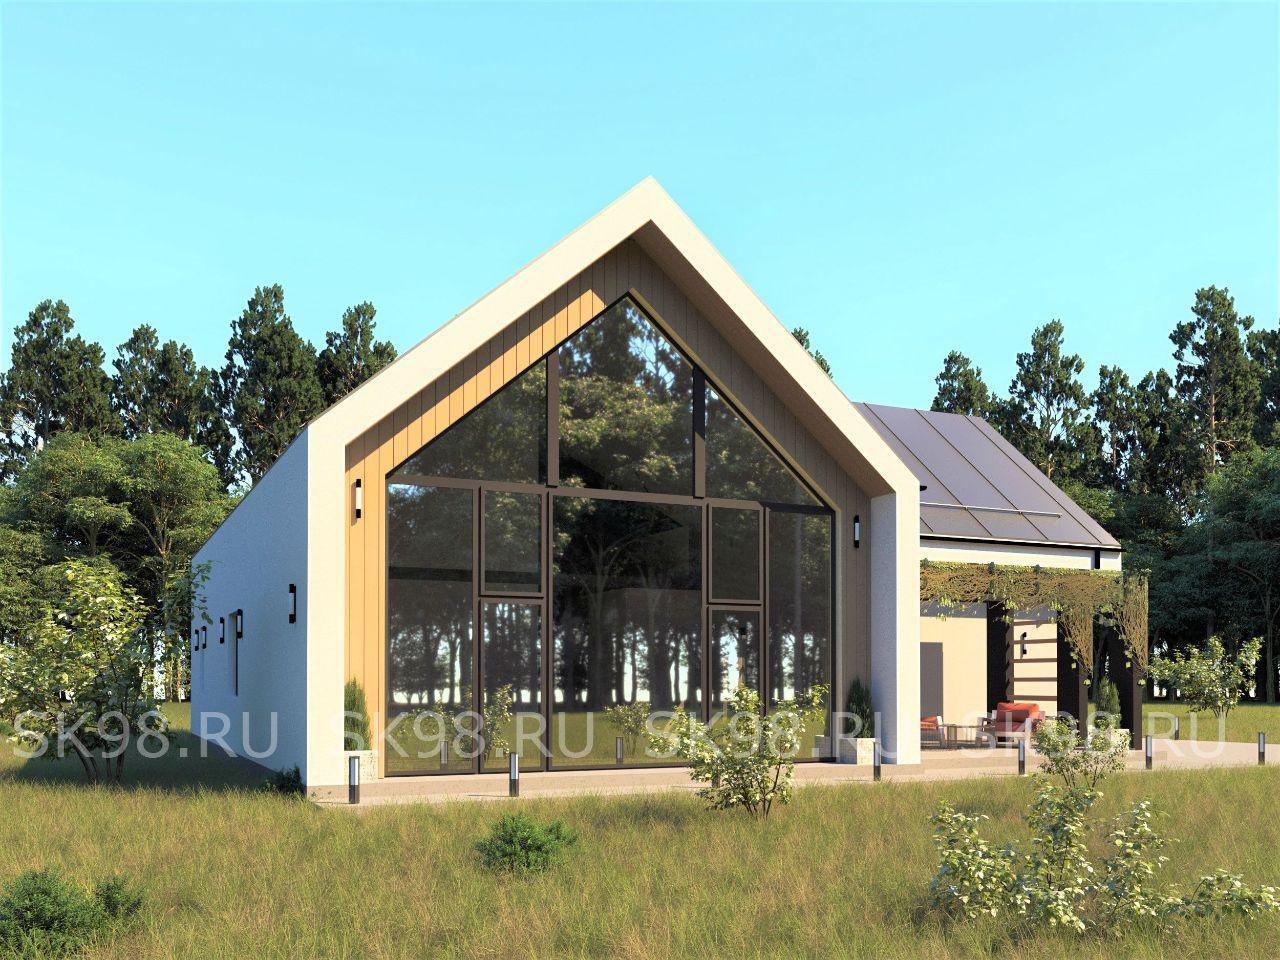 дом в стиле барнхаус - TWO 247